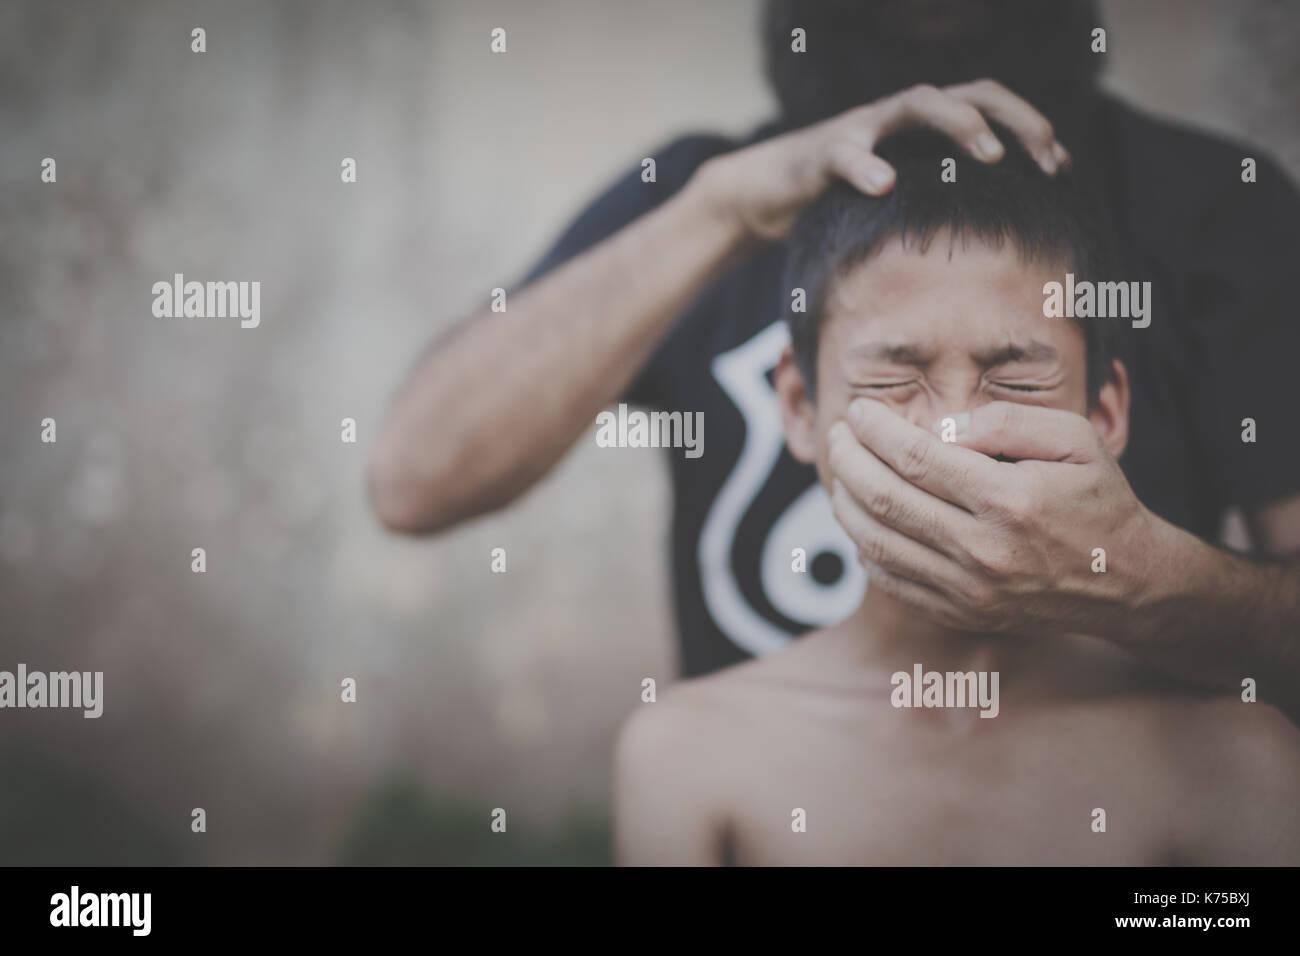 Menschenhandel, Stop missbraucht Kind Gewalt, Tag der Menschenrechte Konzept. Stockbild